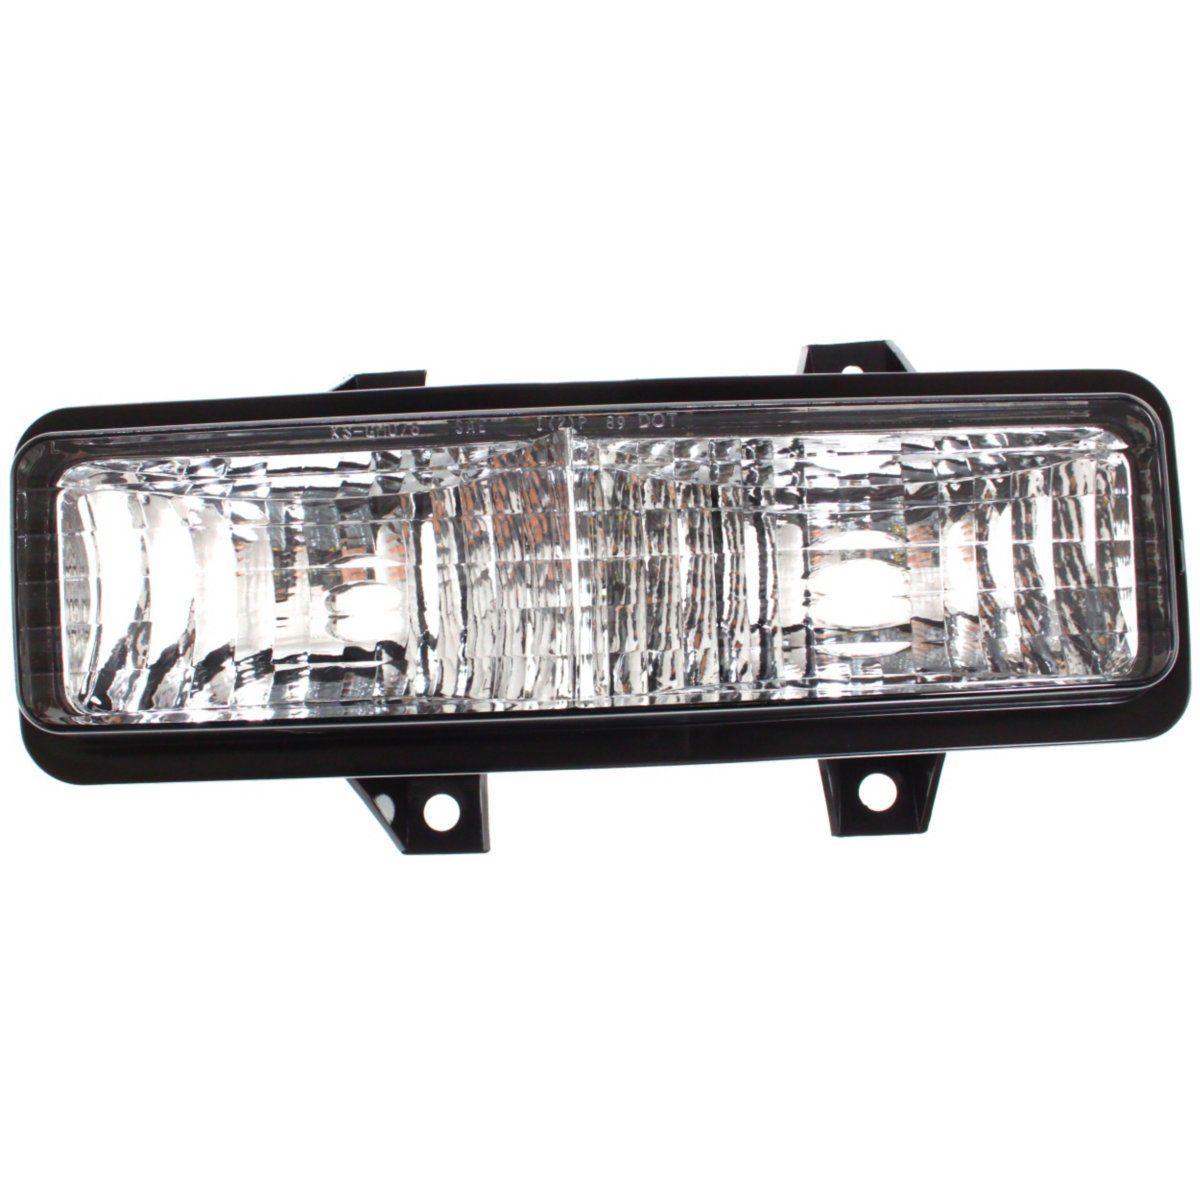 コーナーライト Parking Light For 1992-1995 Chevrolet G20 Lens/Housing w/ Dual Headlight Left 1992-1995シボレーG20レンズ/ハウジング、デュアルヘッドライト左用の駐車ライト